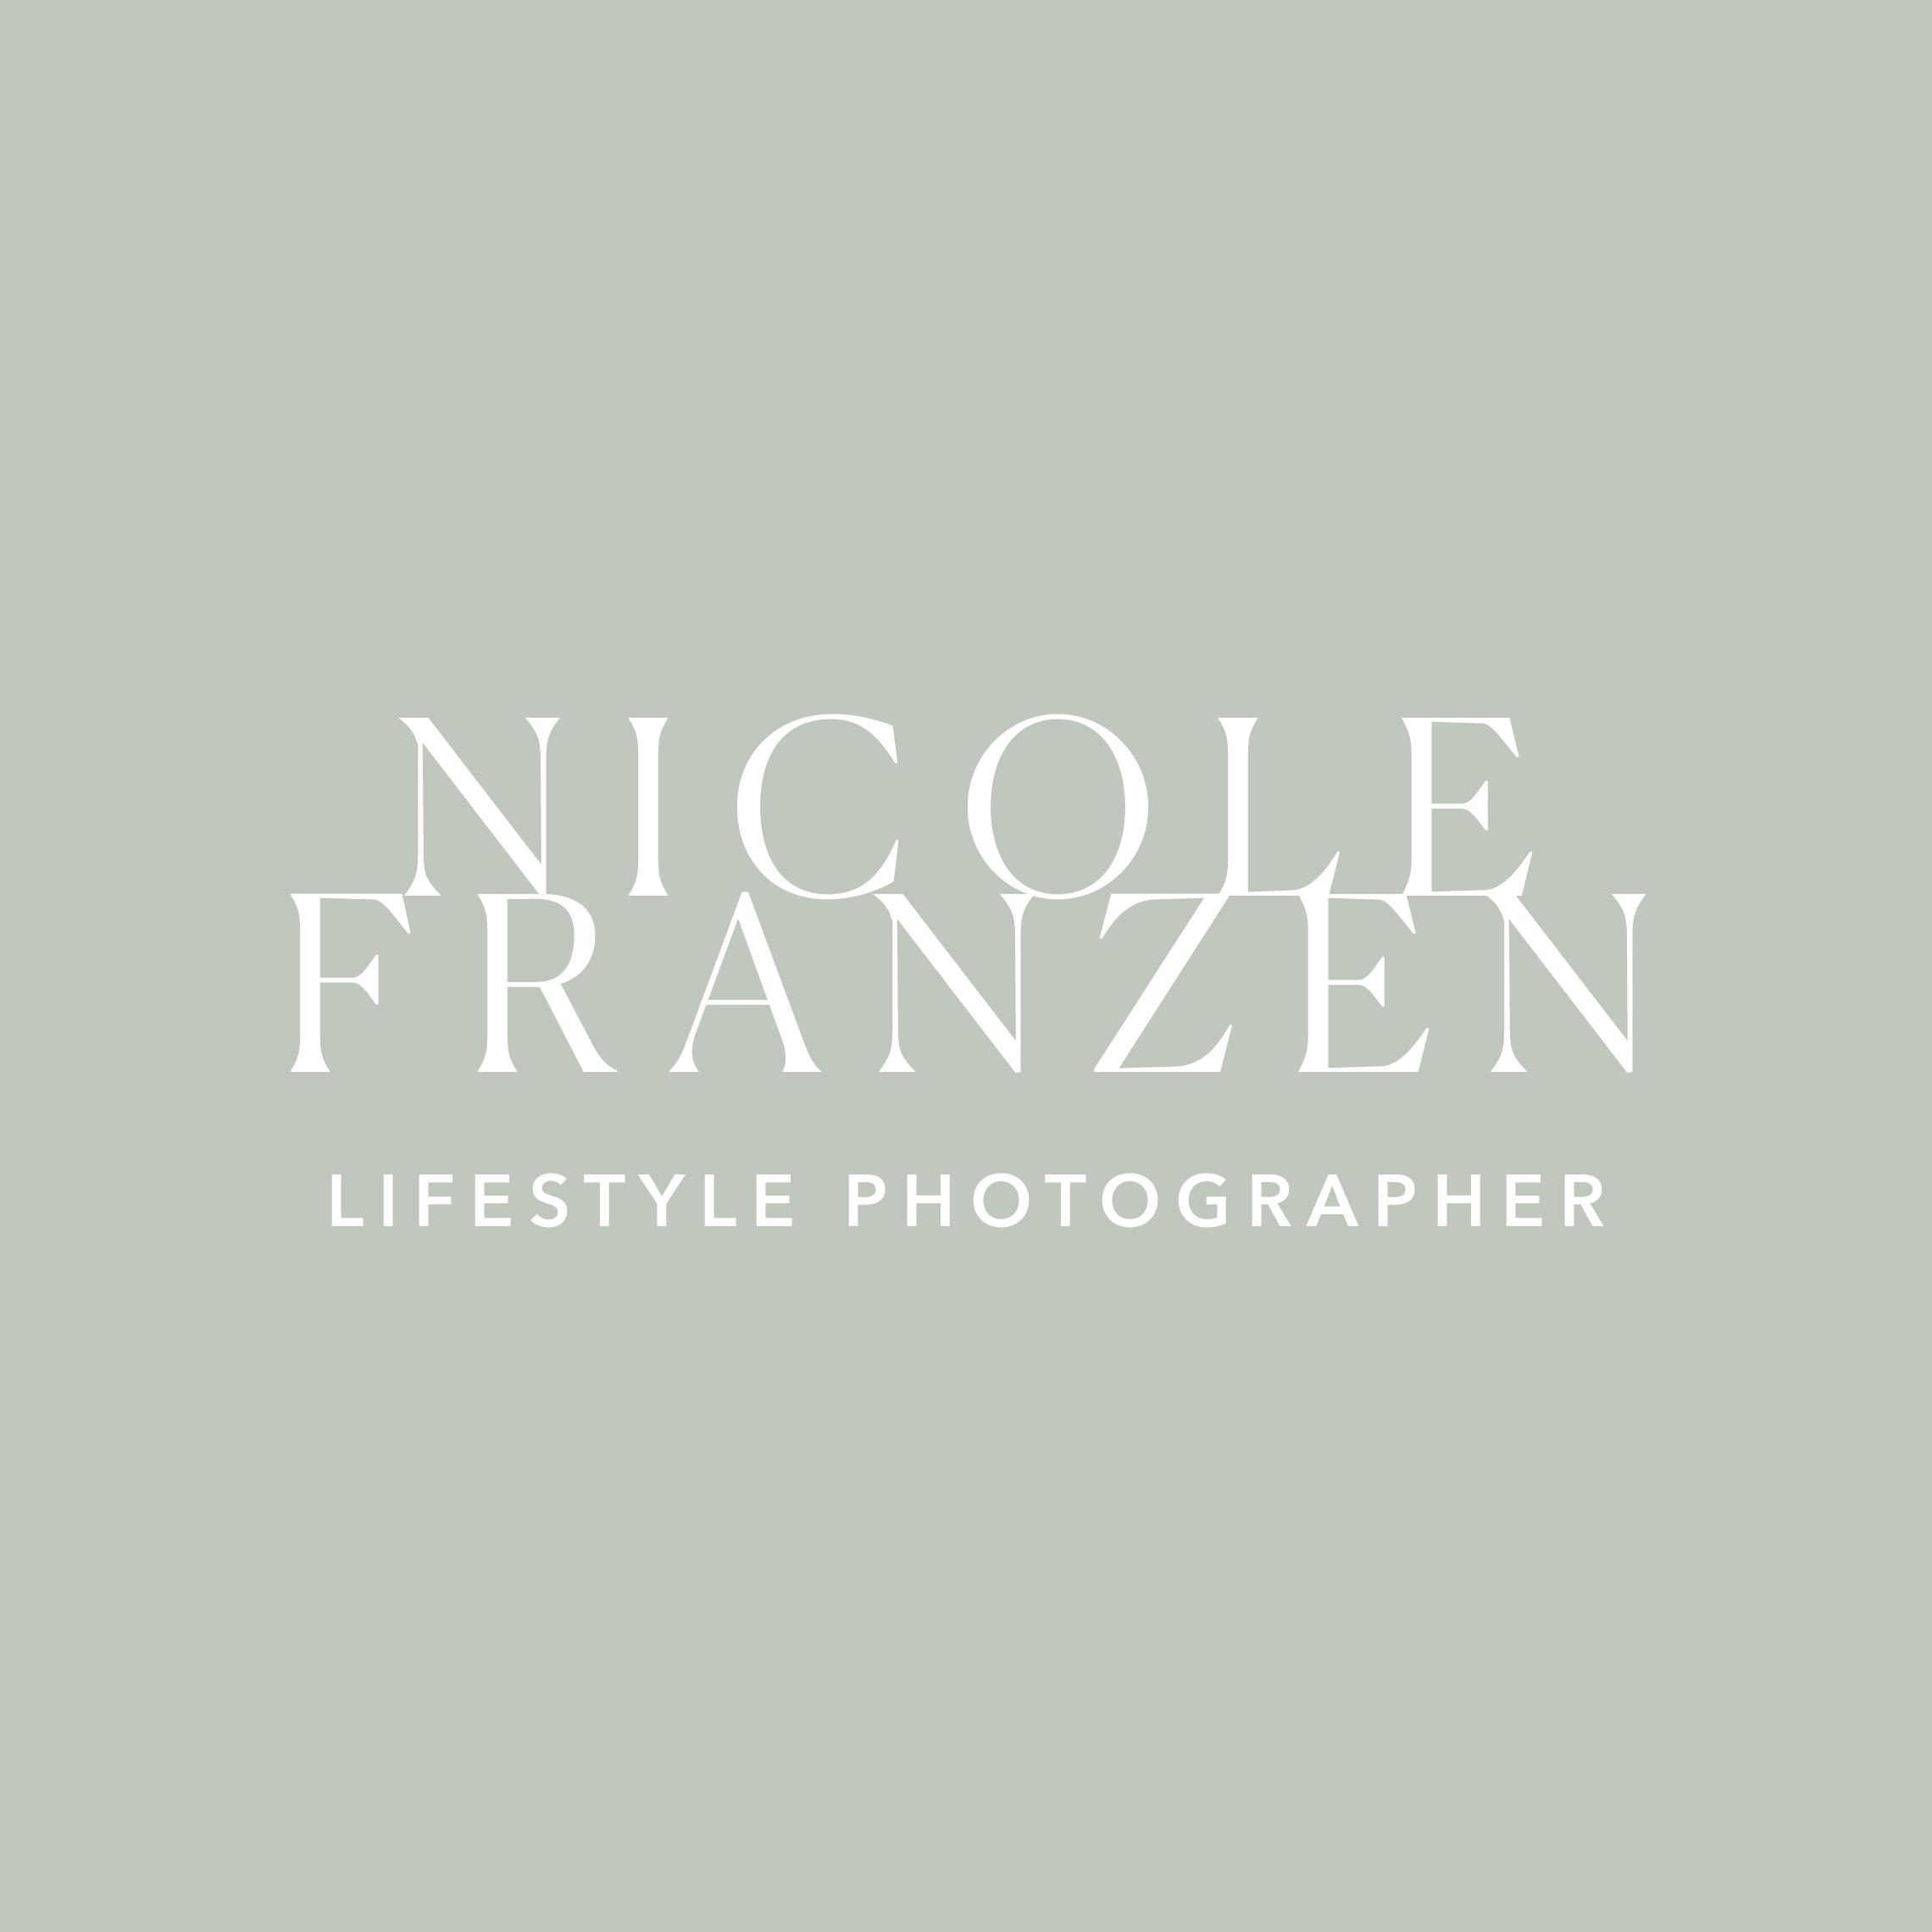 The Gift Guide Series: Nicole Franzen 15